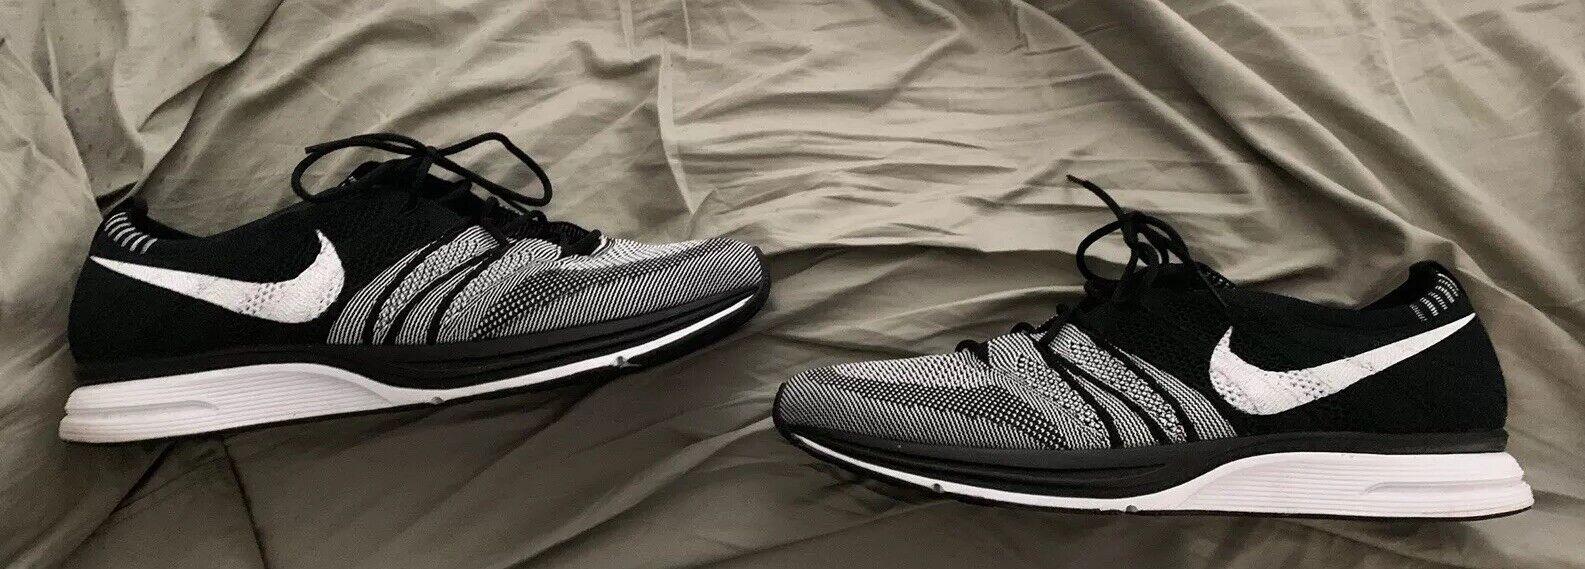 Bnwob Nike fliegenstrick Trainer 1 Oreo schwarz Weiß Größe 13 Jordan